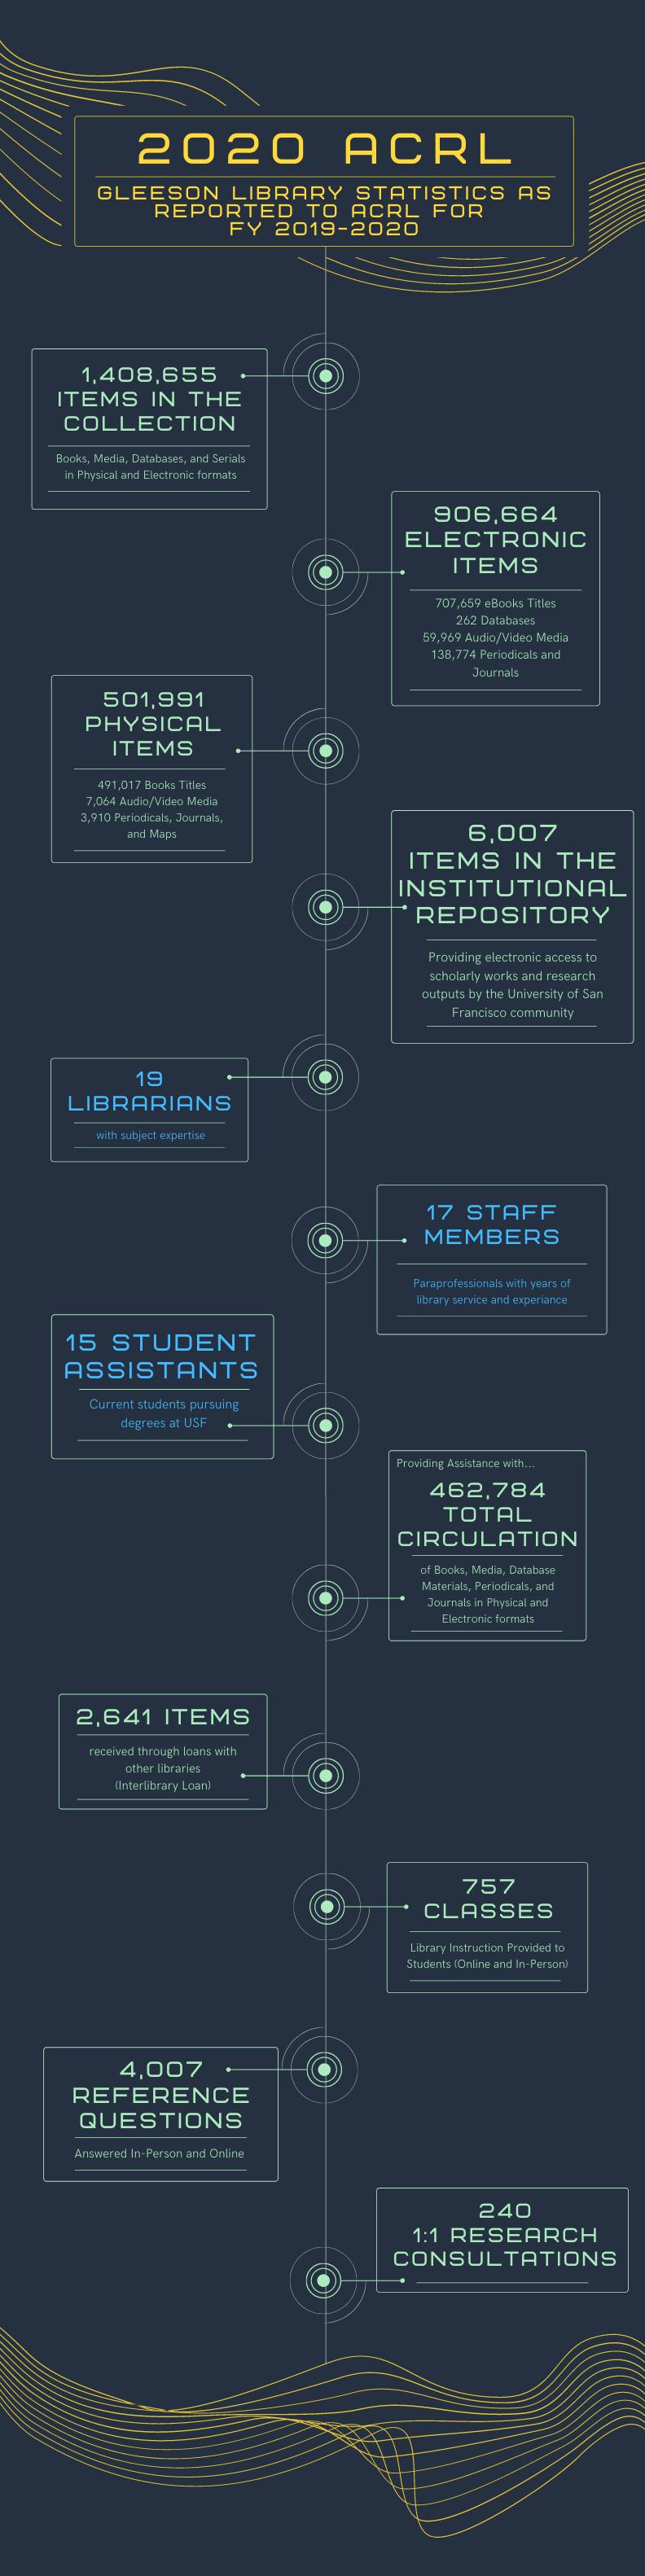 Graphic of 2020 Statistics